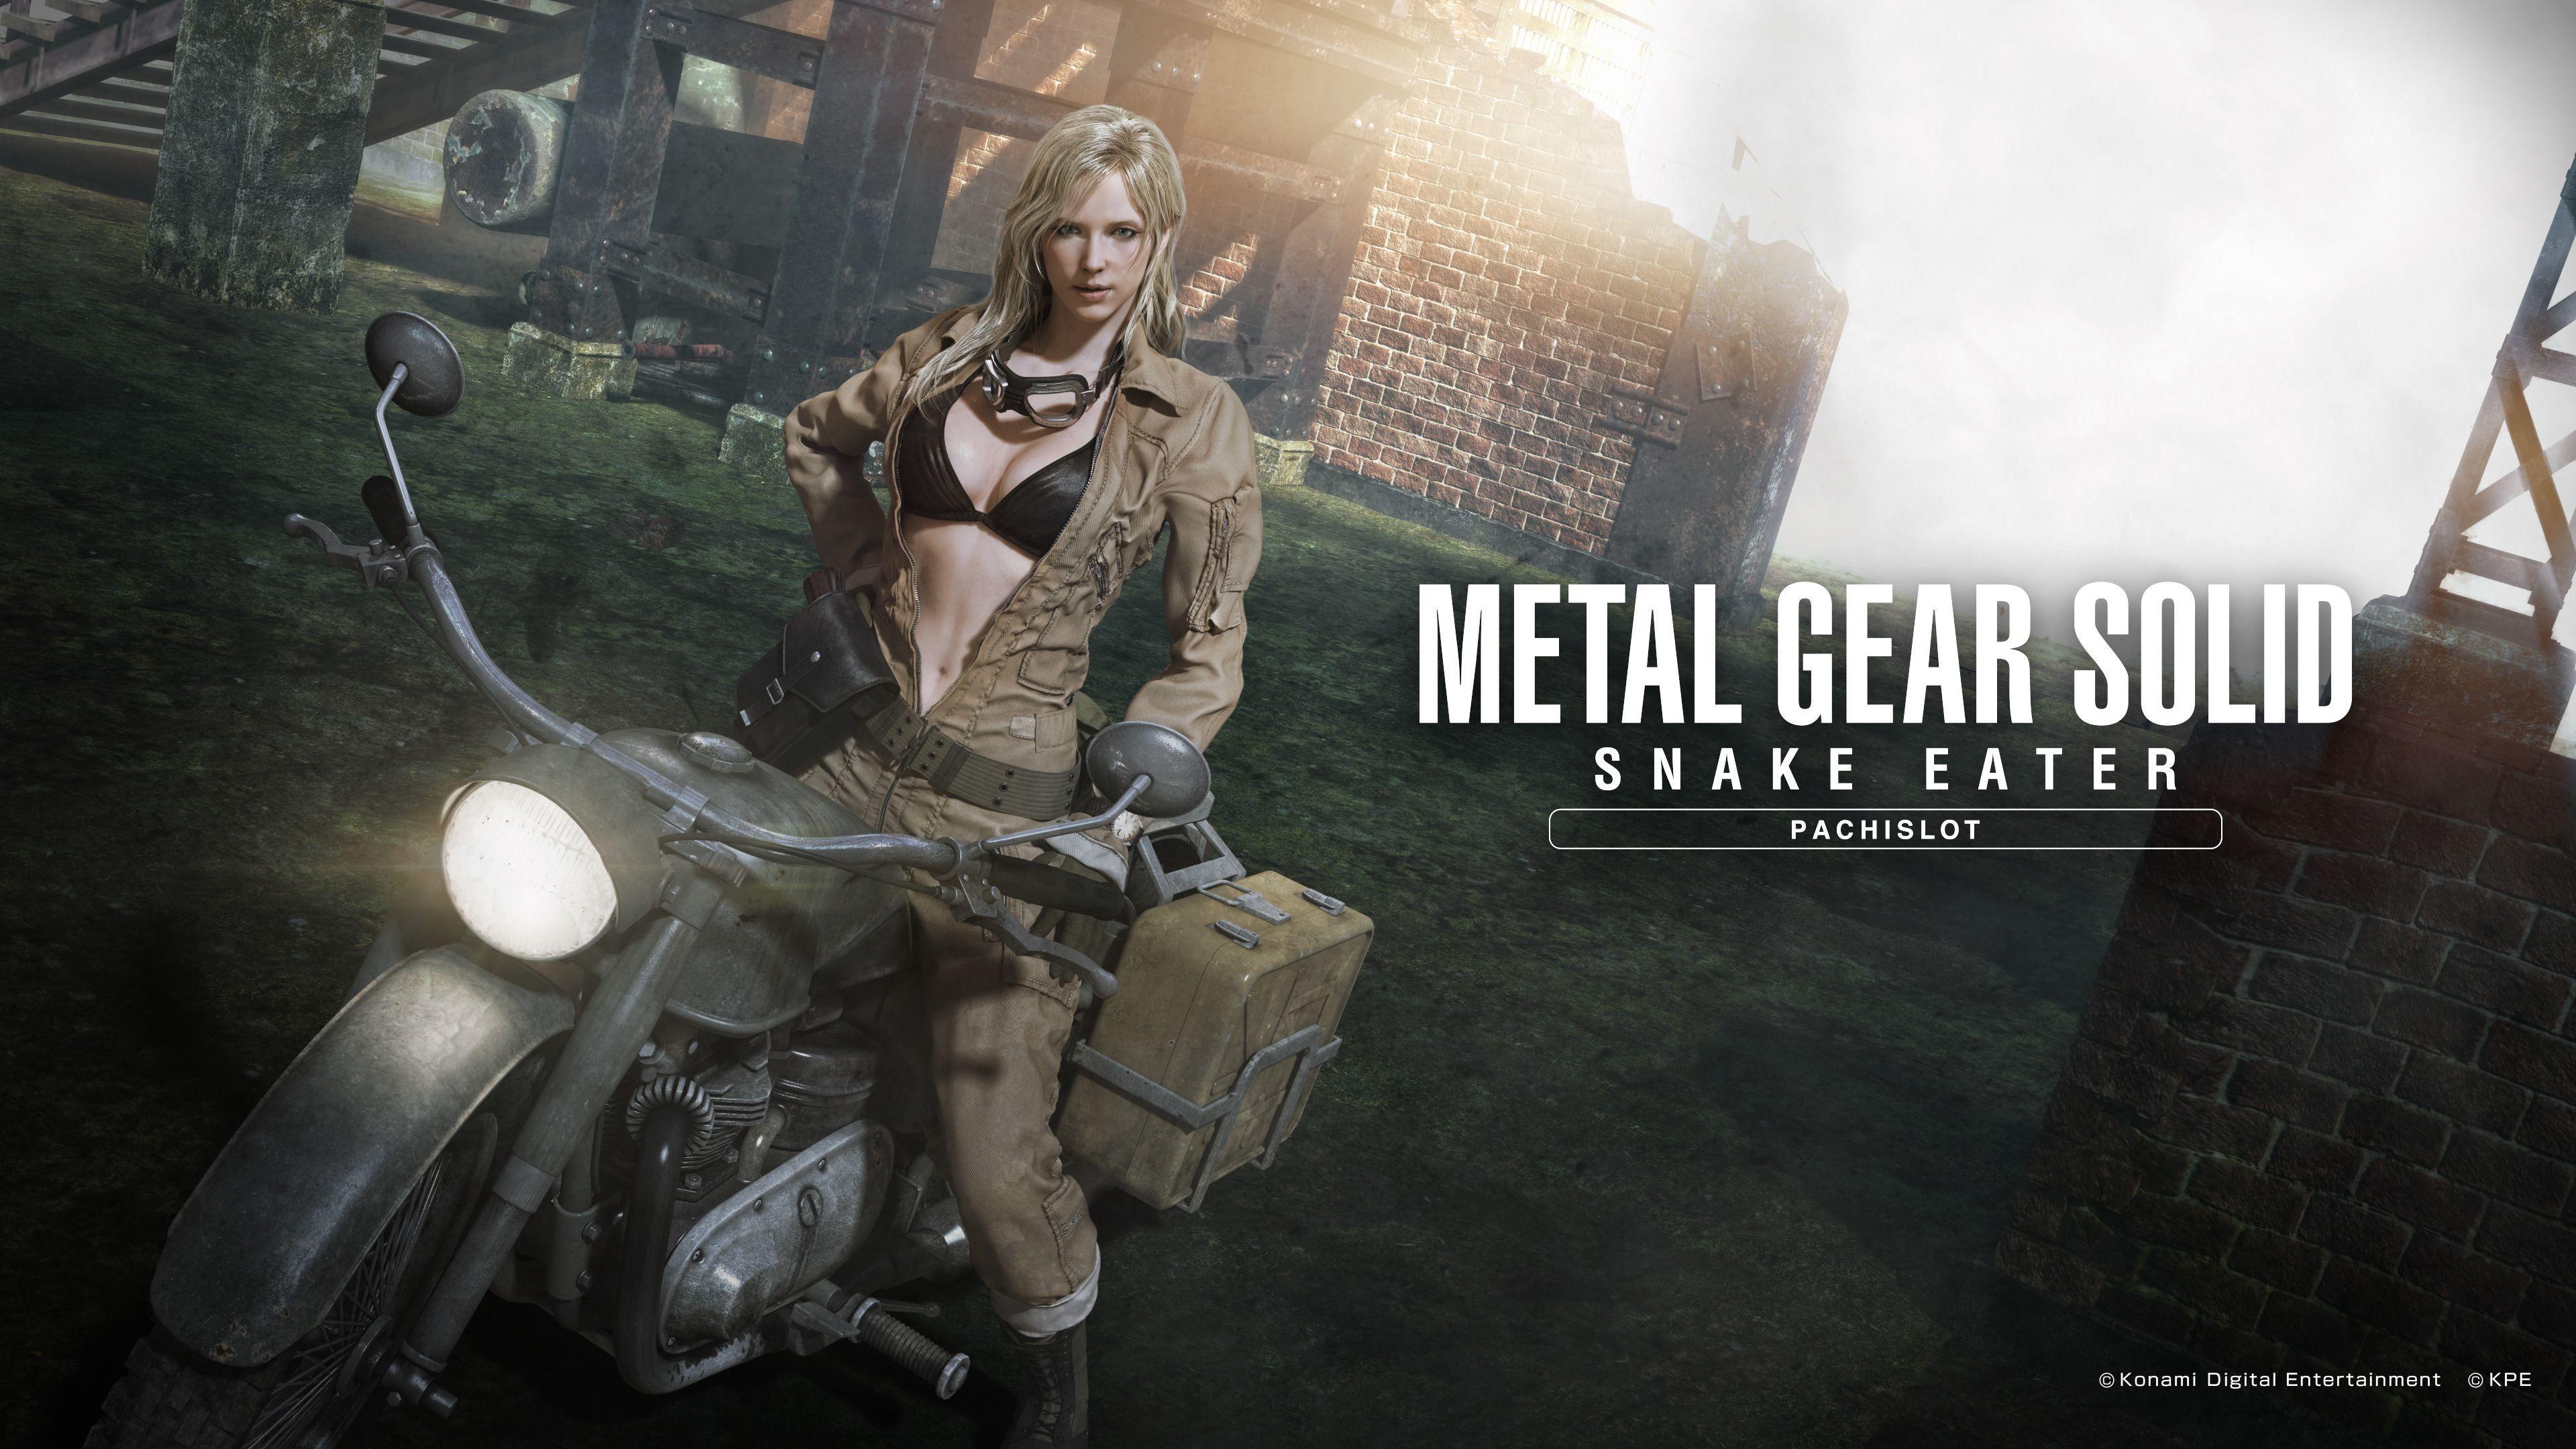 Big Boss Mgs Wallpaper Full Hd Metal Gear Solid Metal Gear